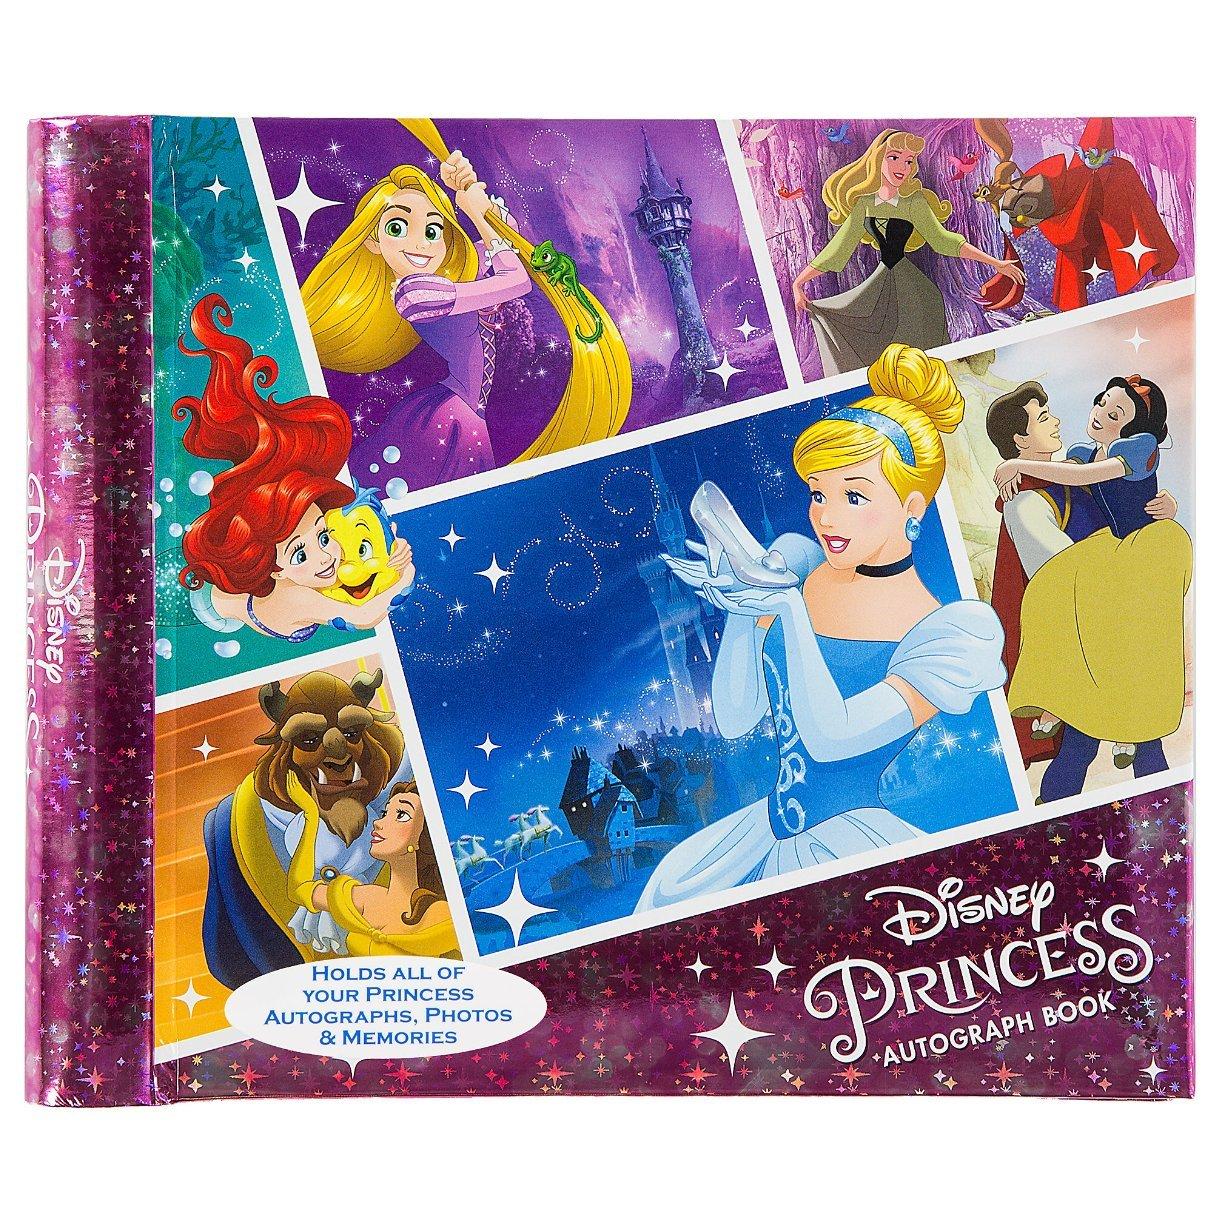 Disney Theme Parks Deluxe Princess Autograph Book Dream Big 4x6 Photo Album by Disney Parks